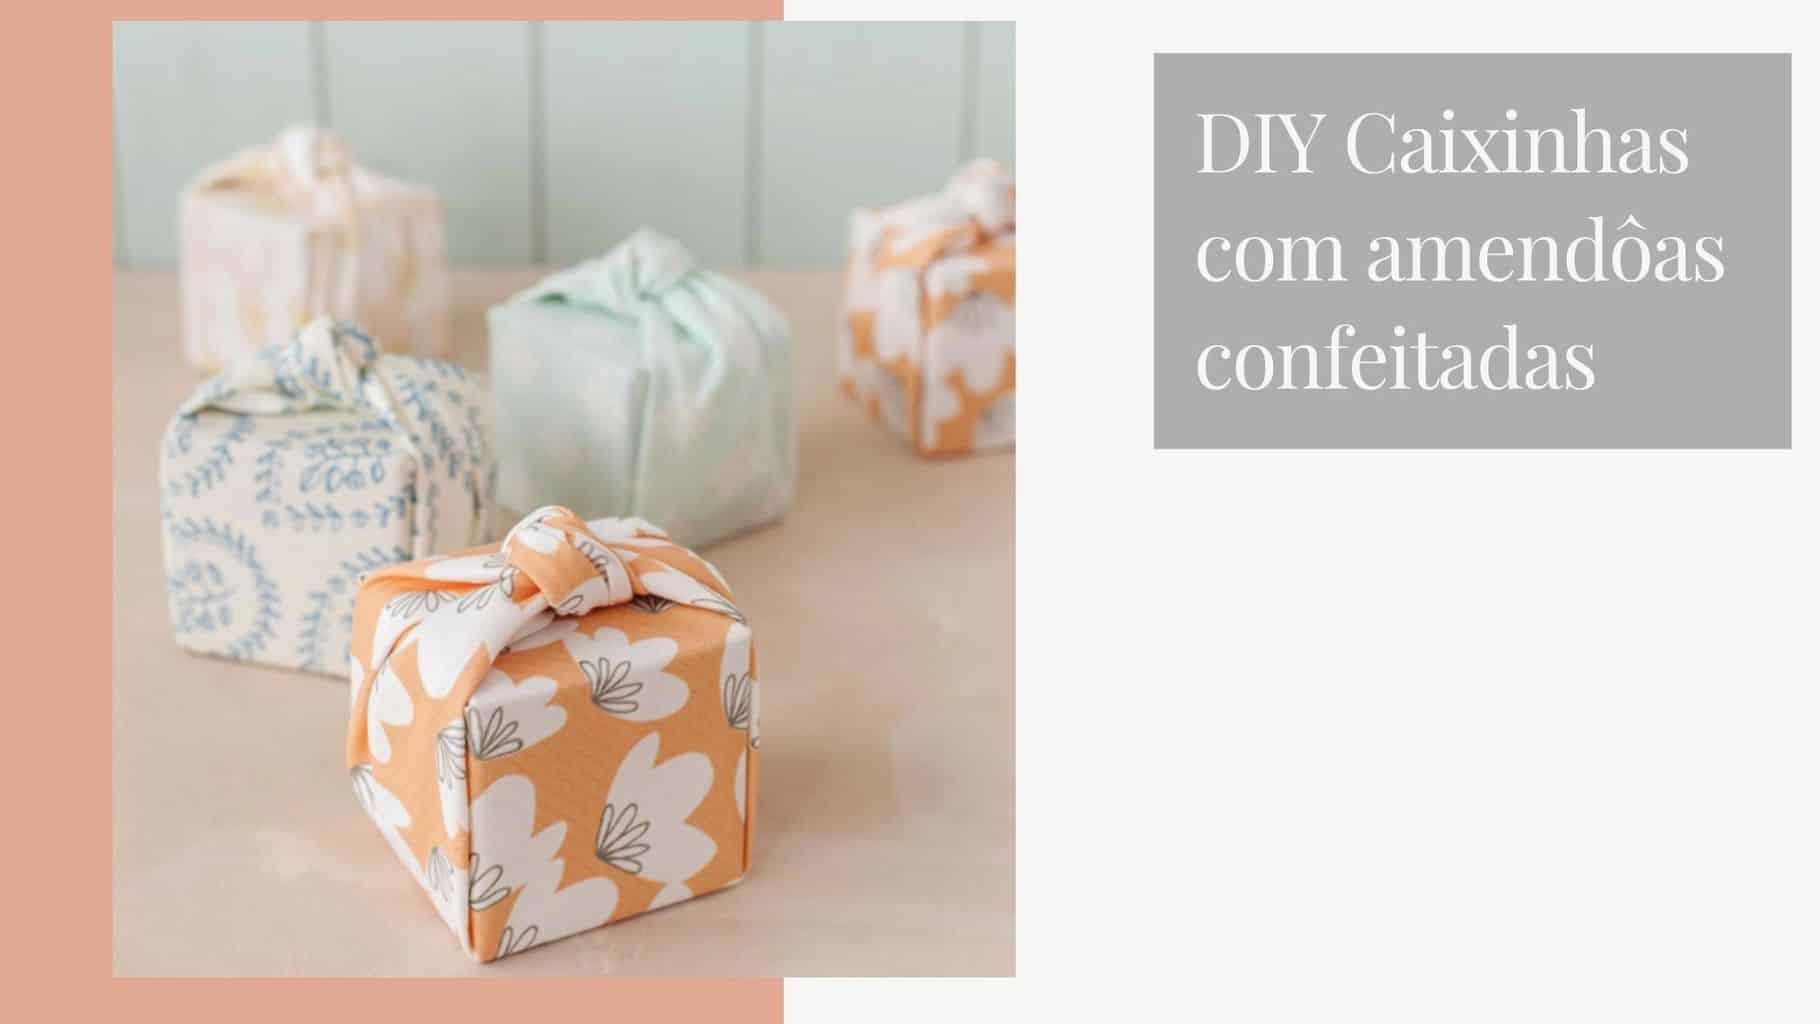 DIY-caixinhas-de-amendoas-lembracinha-de-casamento